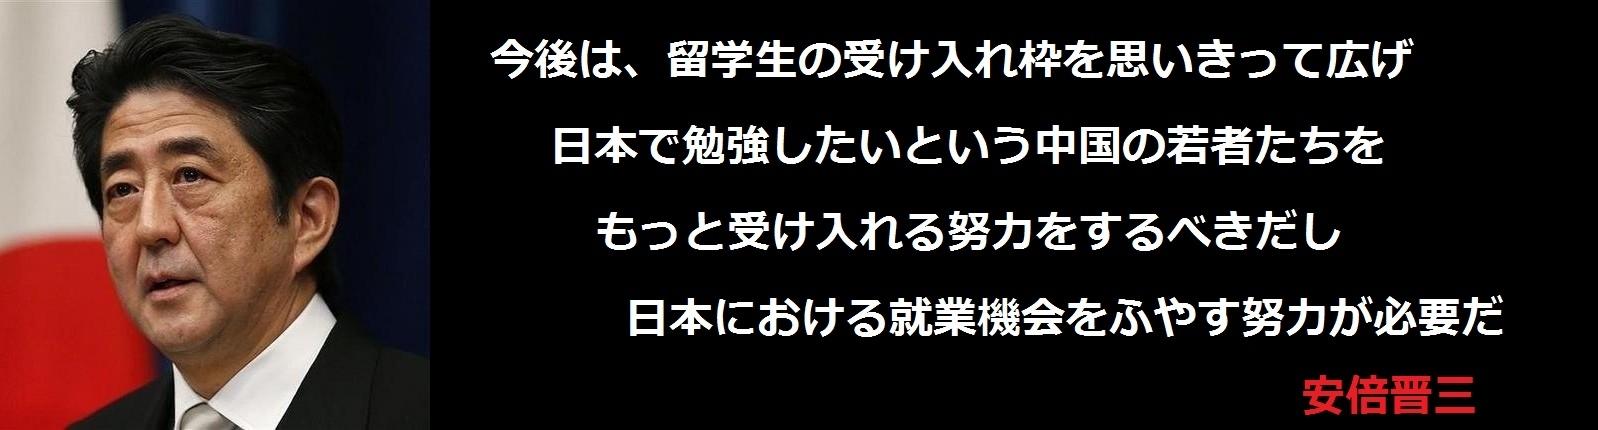 f:id:JAPbuster:20170801093634j:plain